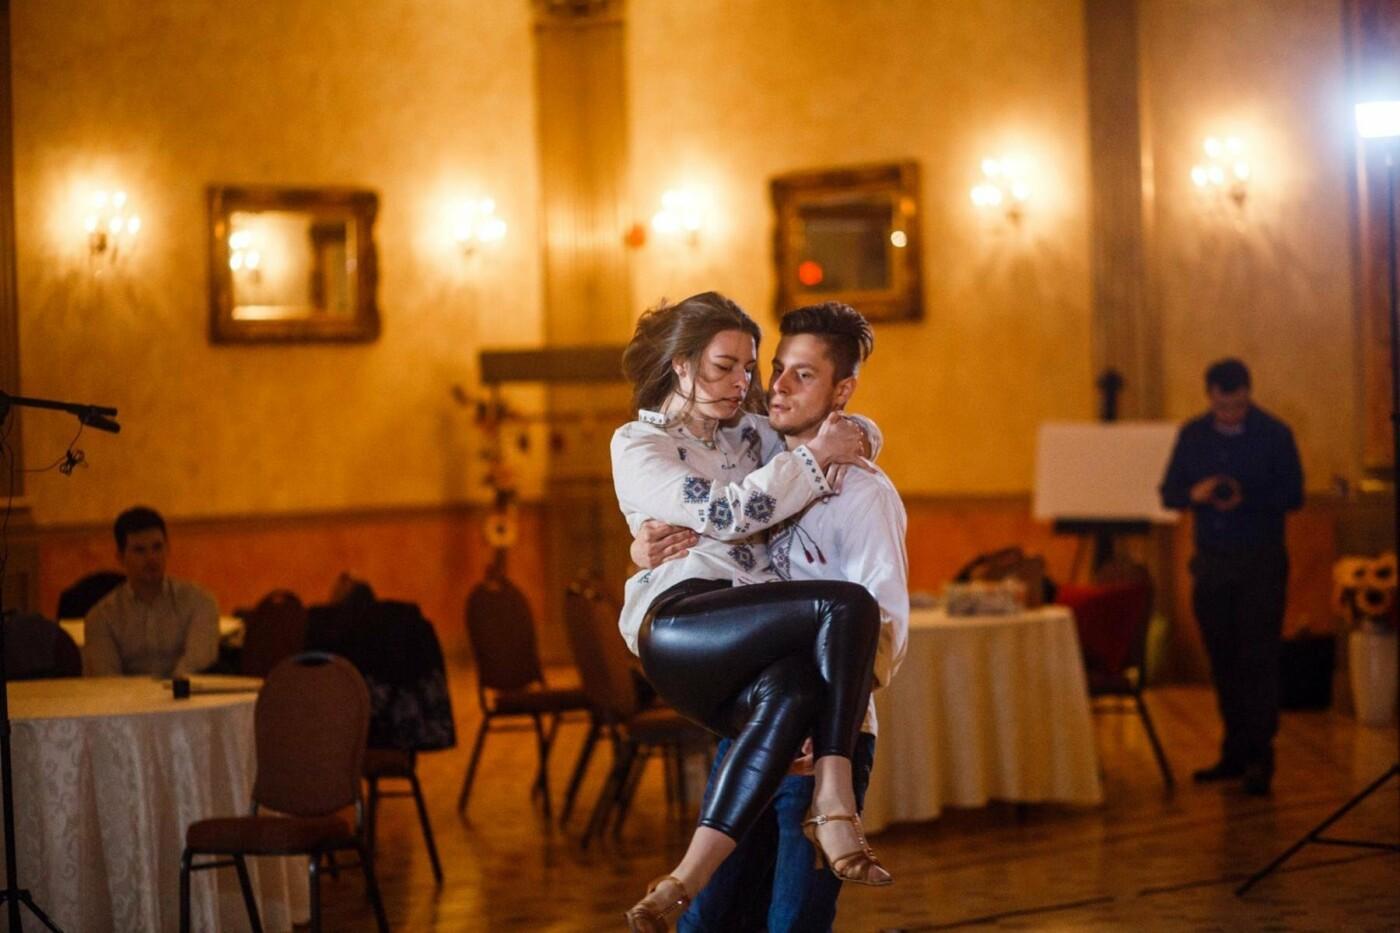 Україна - це культурний скарб: гуцулка розкаже про свою країну на конкурсі краси в Канаді. ФОТО, ВІДЕО, фото-3